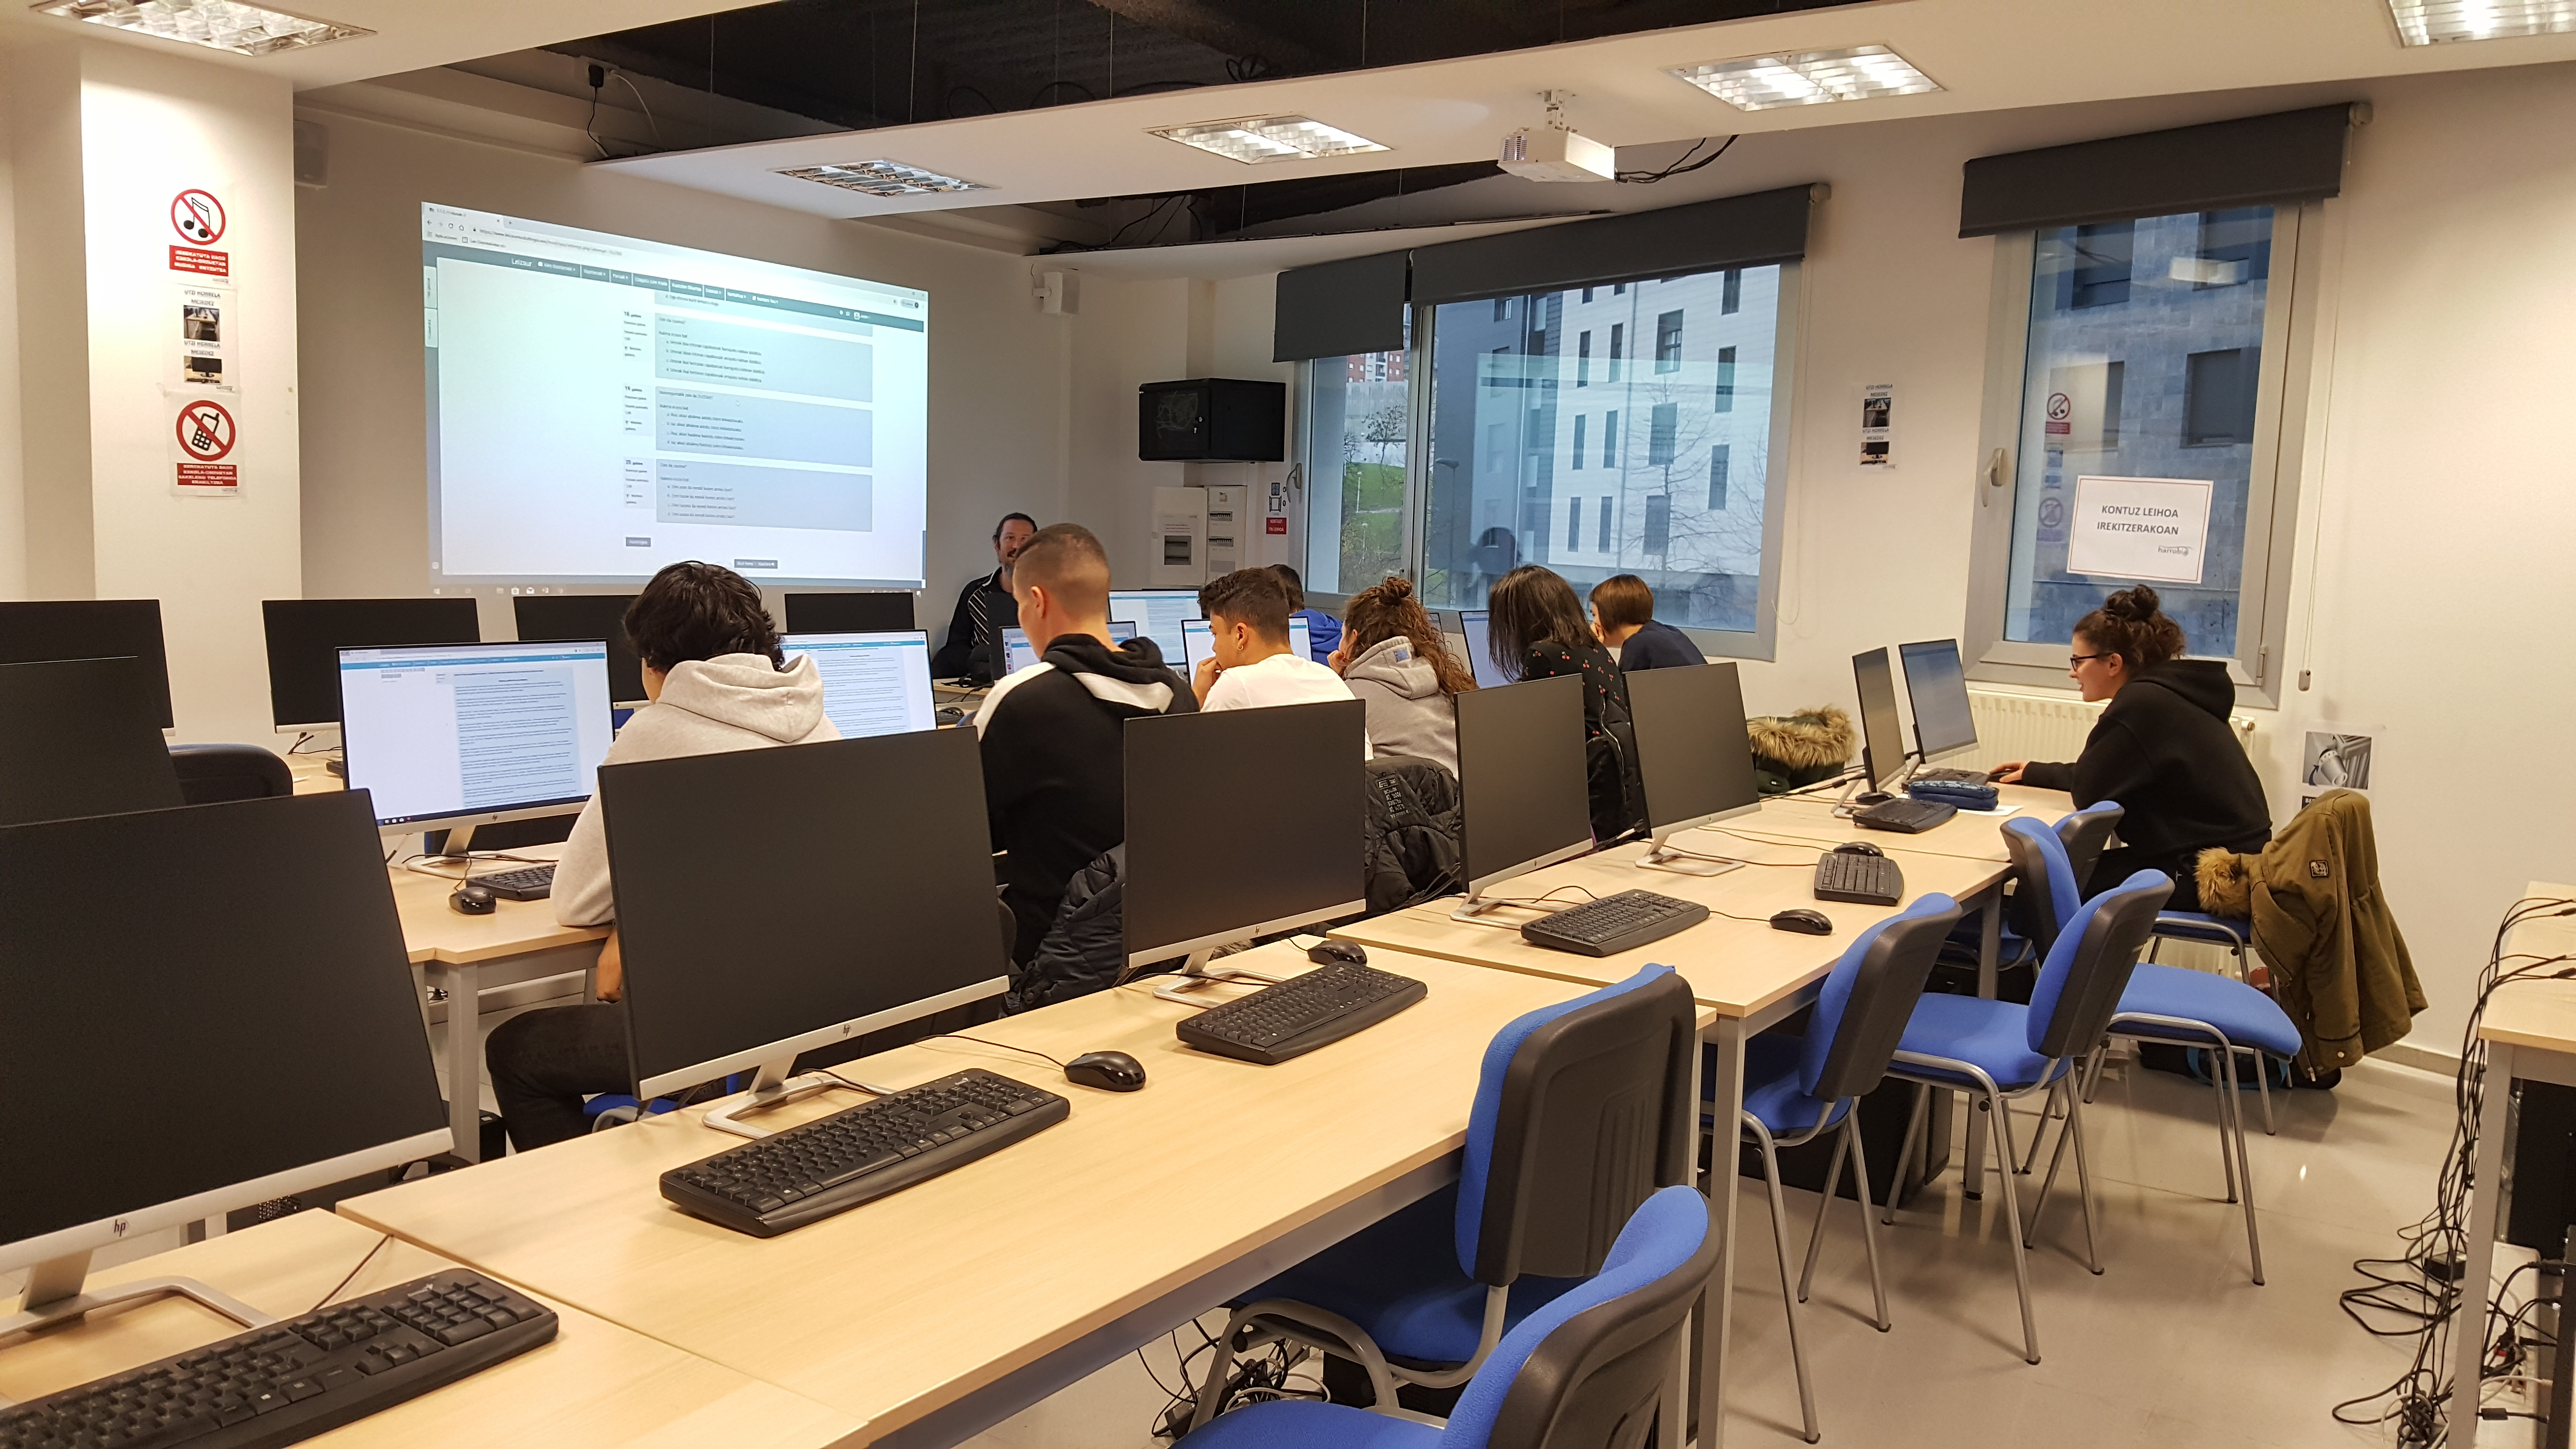 Ha comenzado el curso de euskara para el alumnado de Harrobia